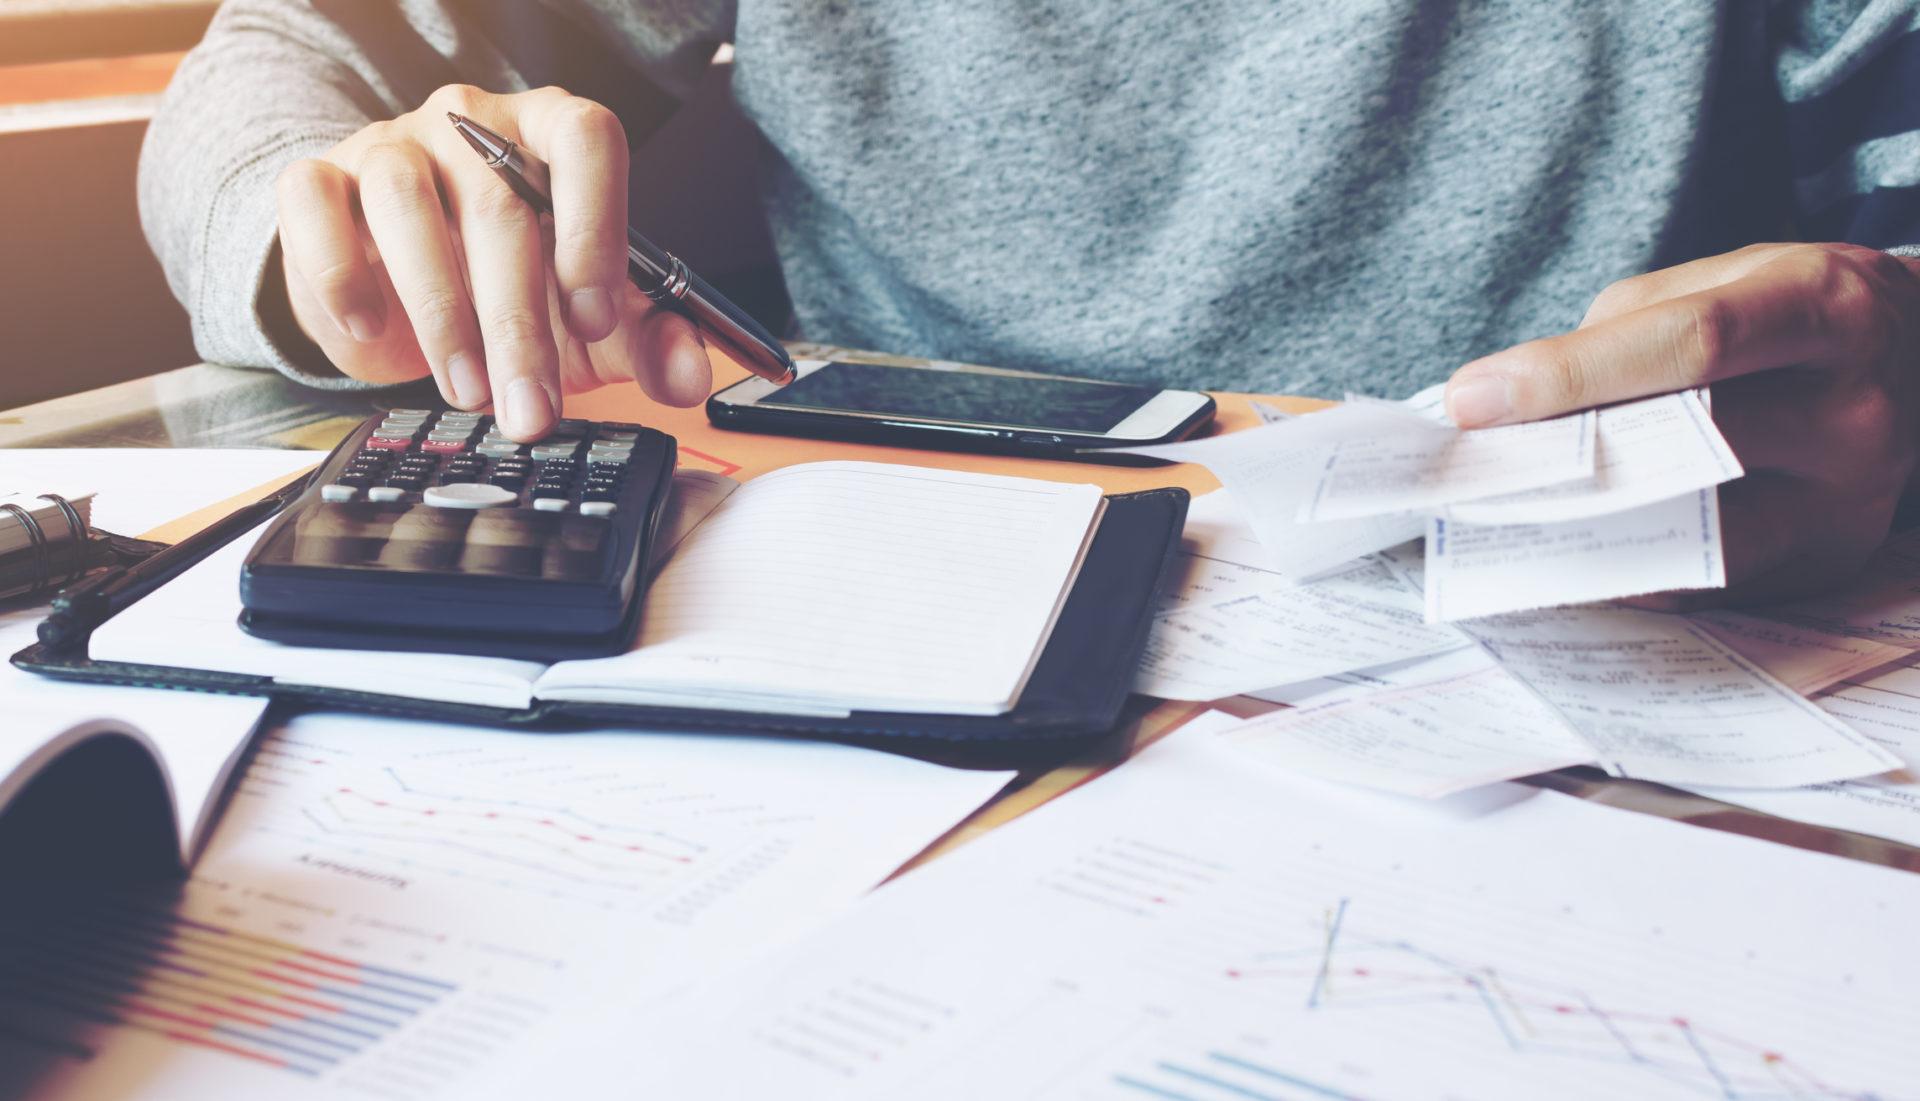 フリーランスの税金|知っておくべき5つの税金と社会保険料